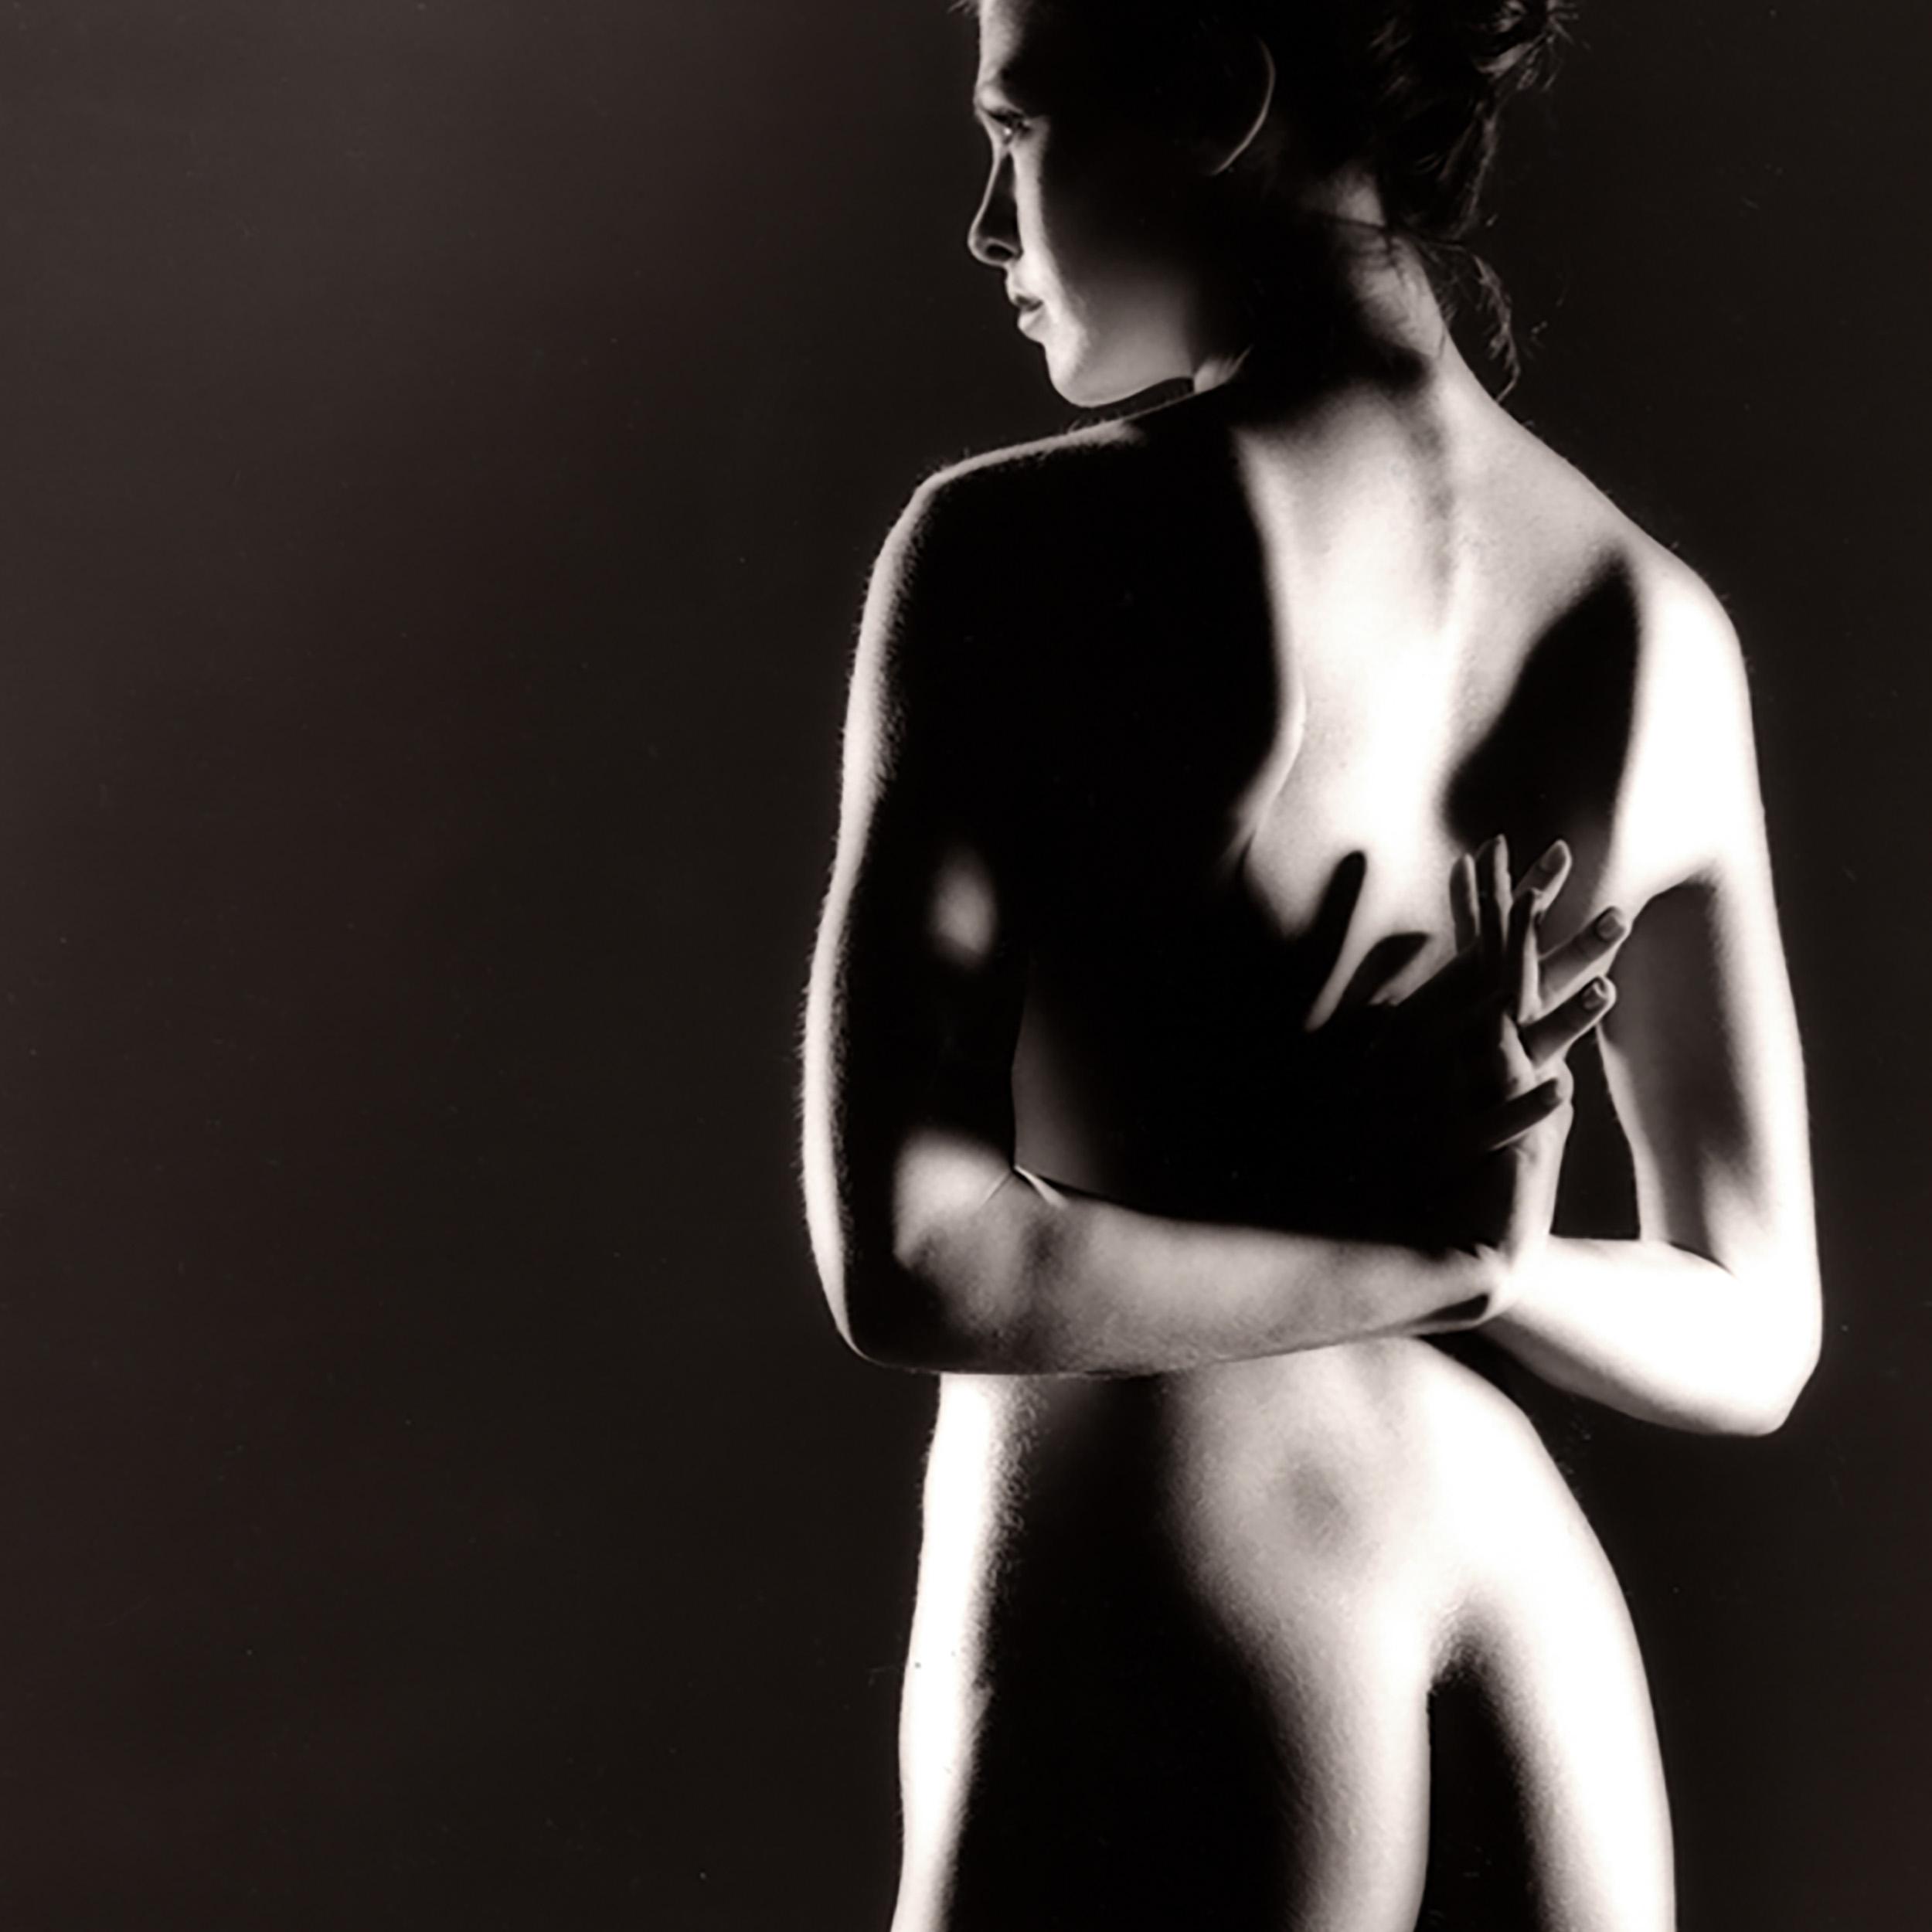 Nude 2 by Kimball Hall